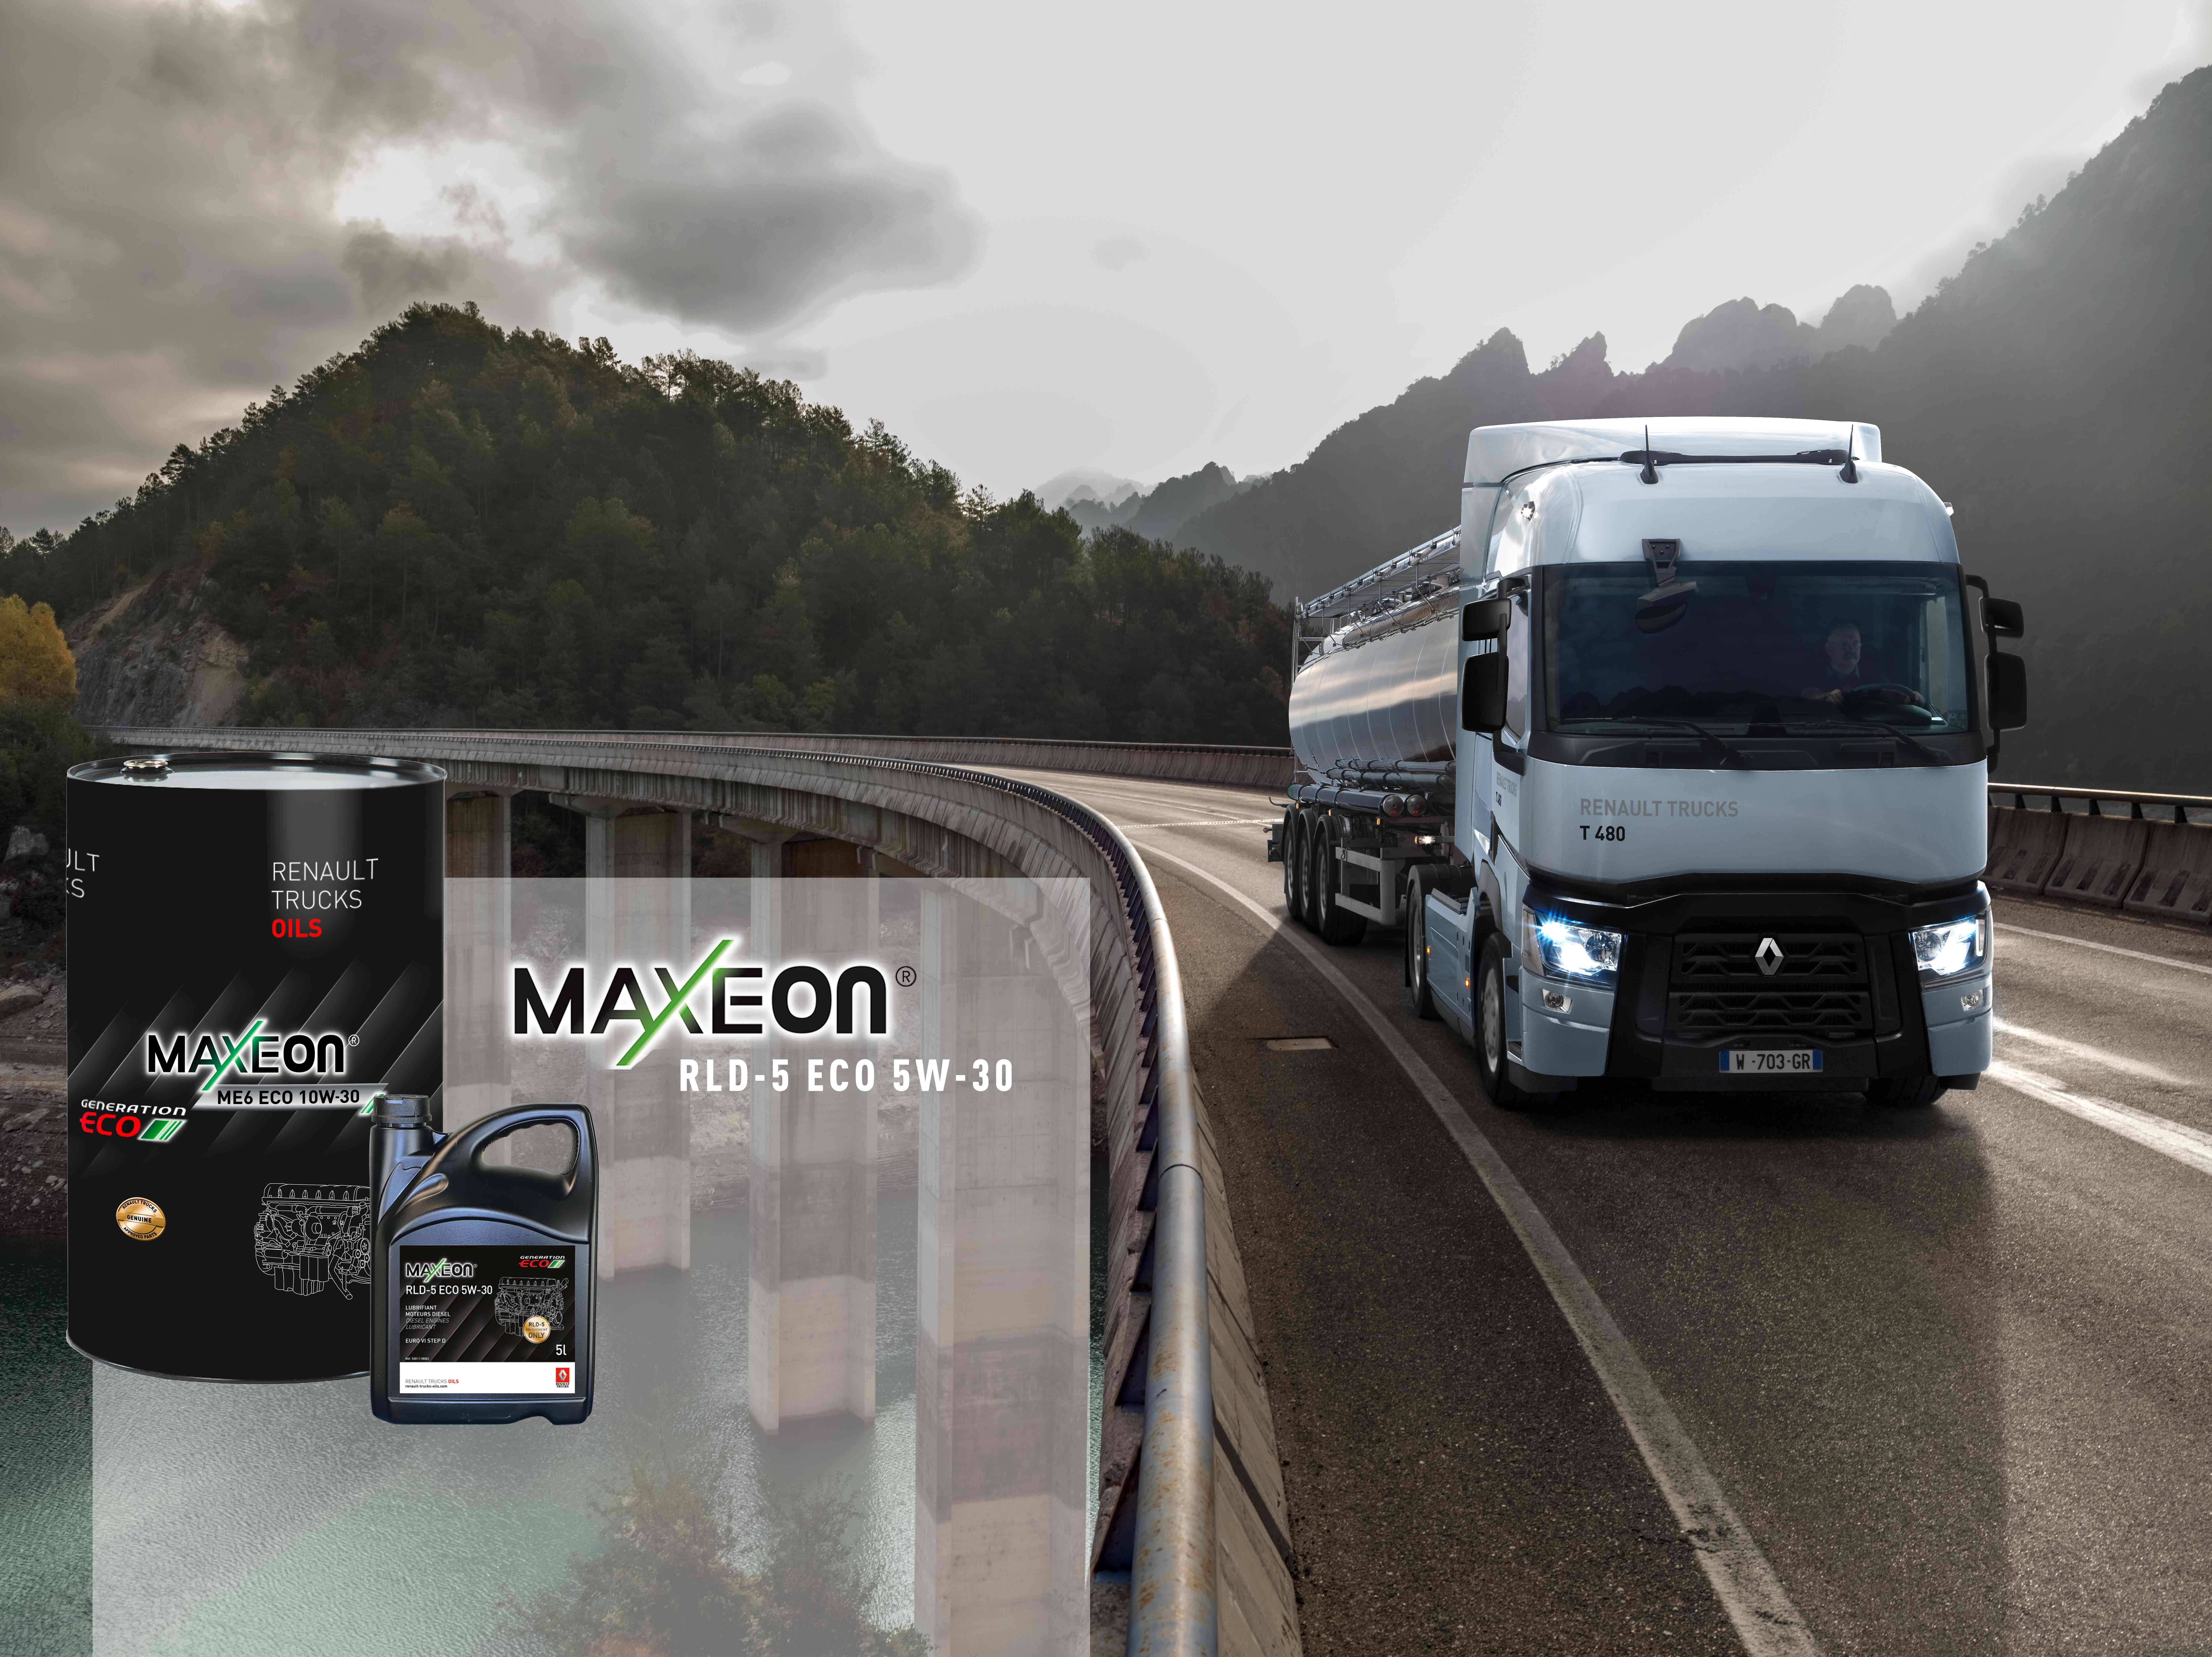 Renault Trucks T 480 moteur DTi 13 step D roulant avec huile dernière génération MAXEON RLD 5